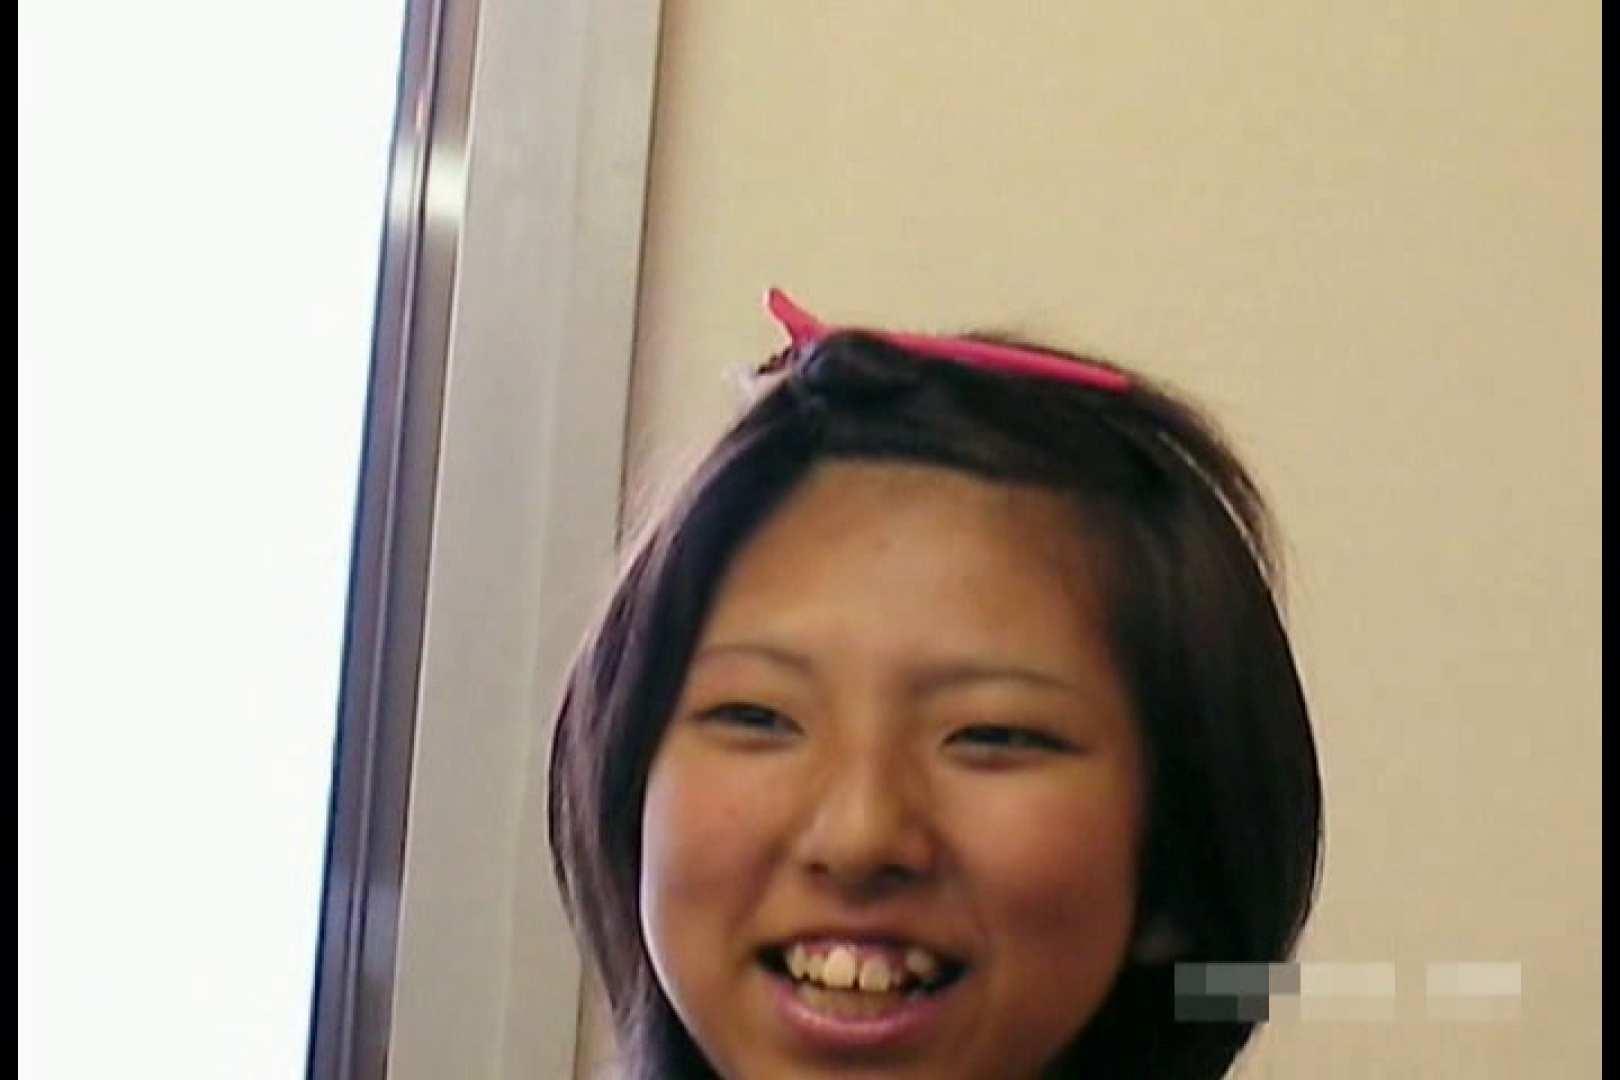 素人撮影 下着だけの撮影のはずが・・・エミちゃん18歳 素人ギャル女 AV動画キャプチャ 105連発 27